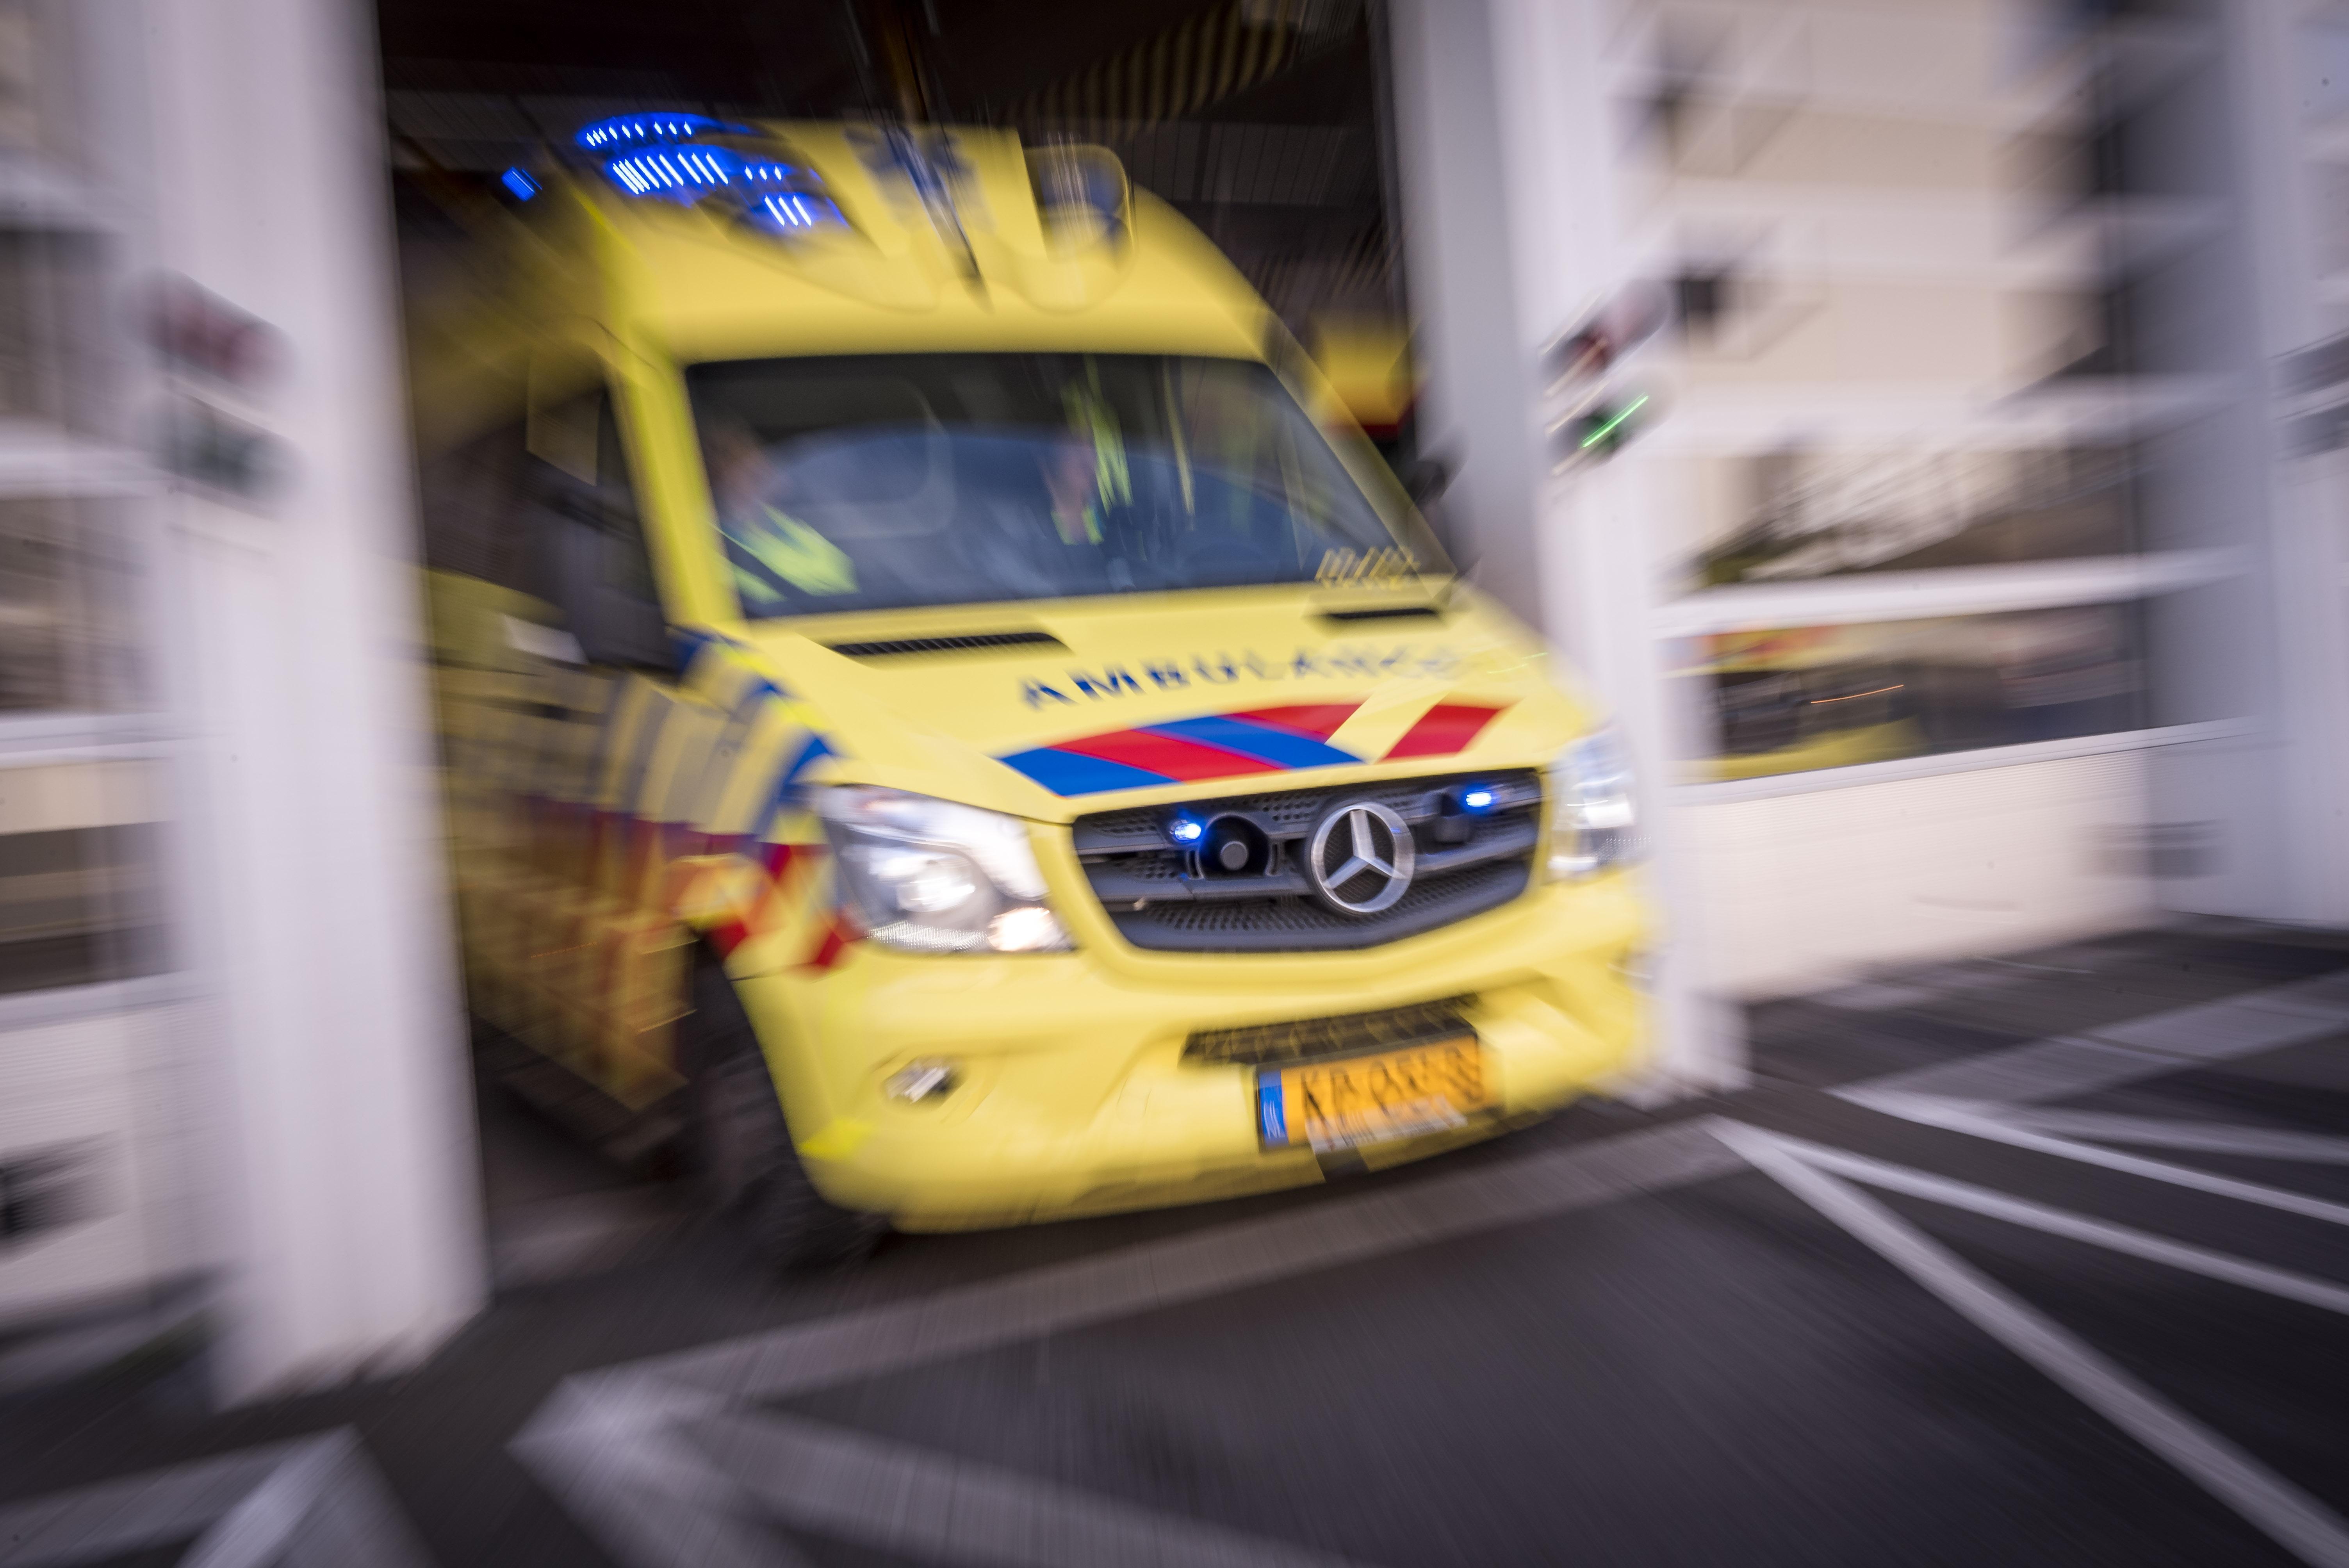 Eerste hulp kijkt online mee in ambulance: tijdwinst bij elke seconde die telt